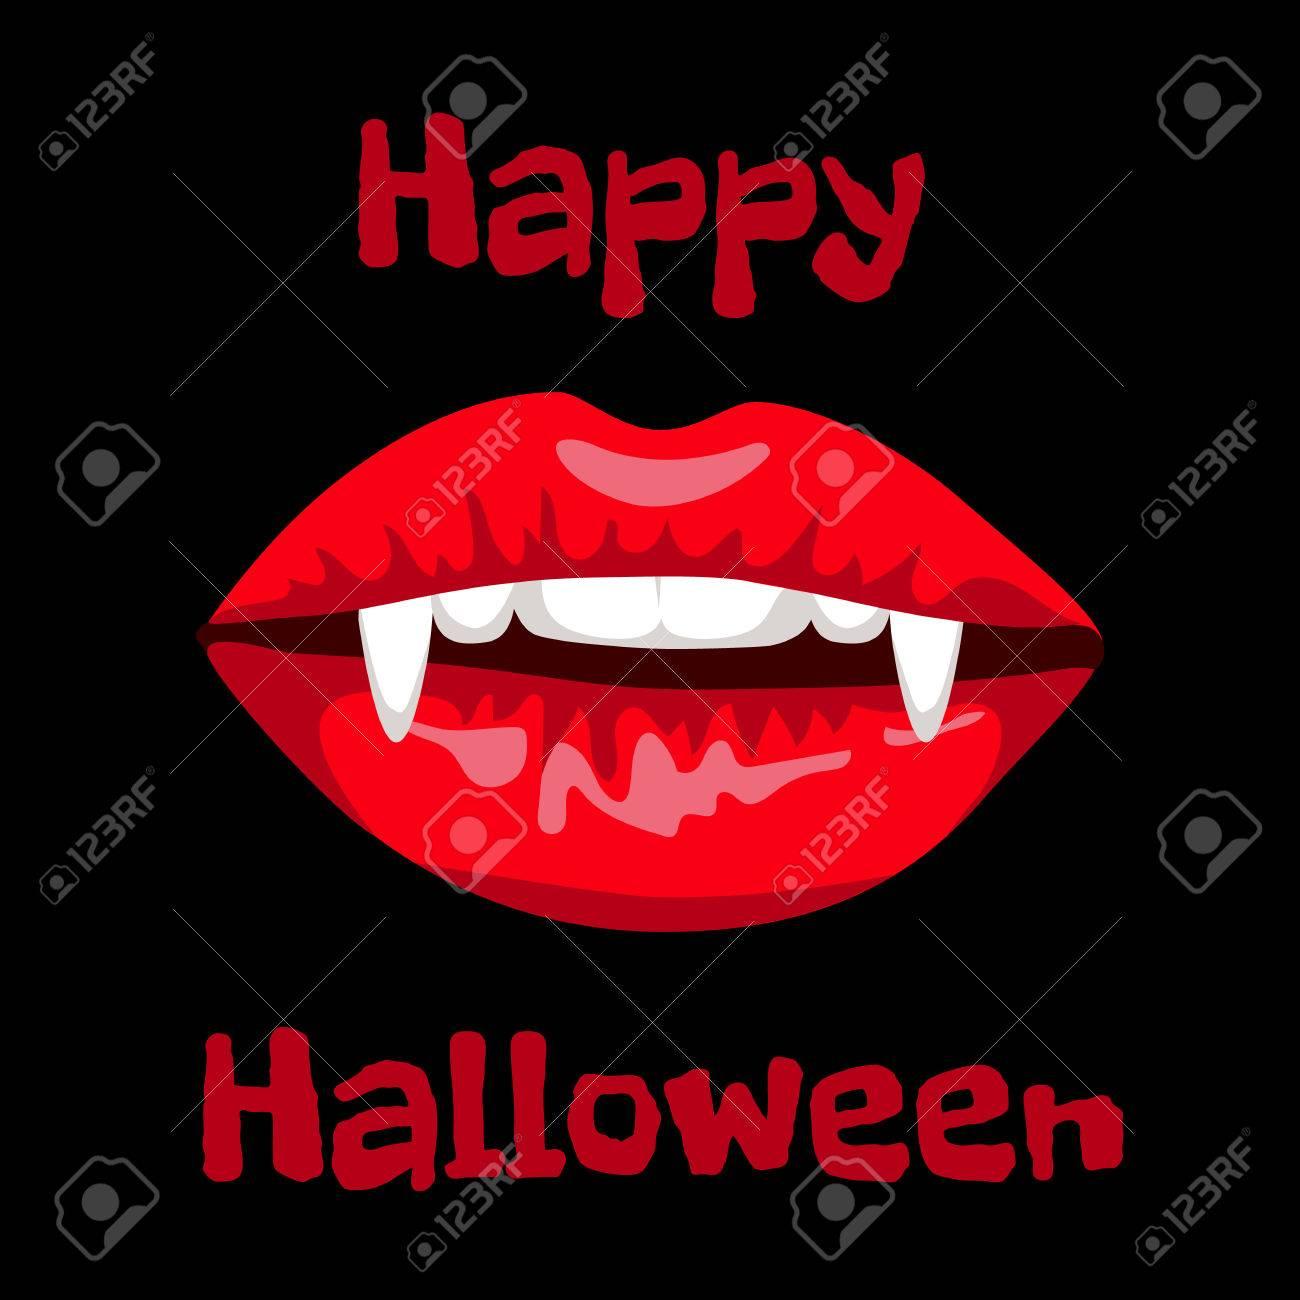 Halloween Happy vampire pictures